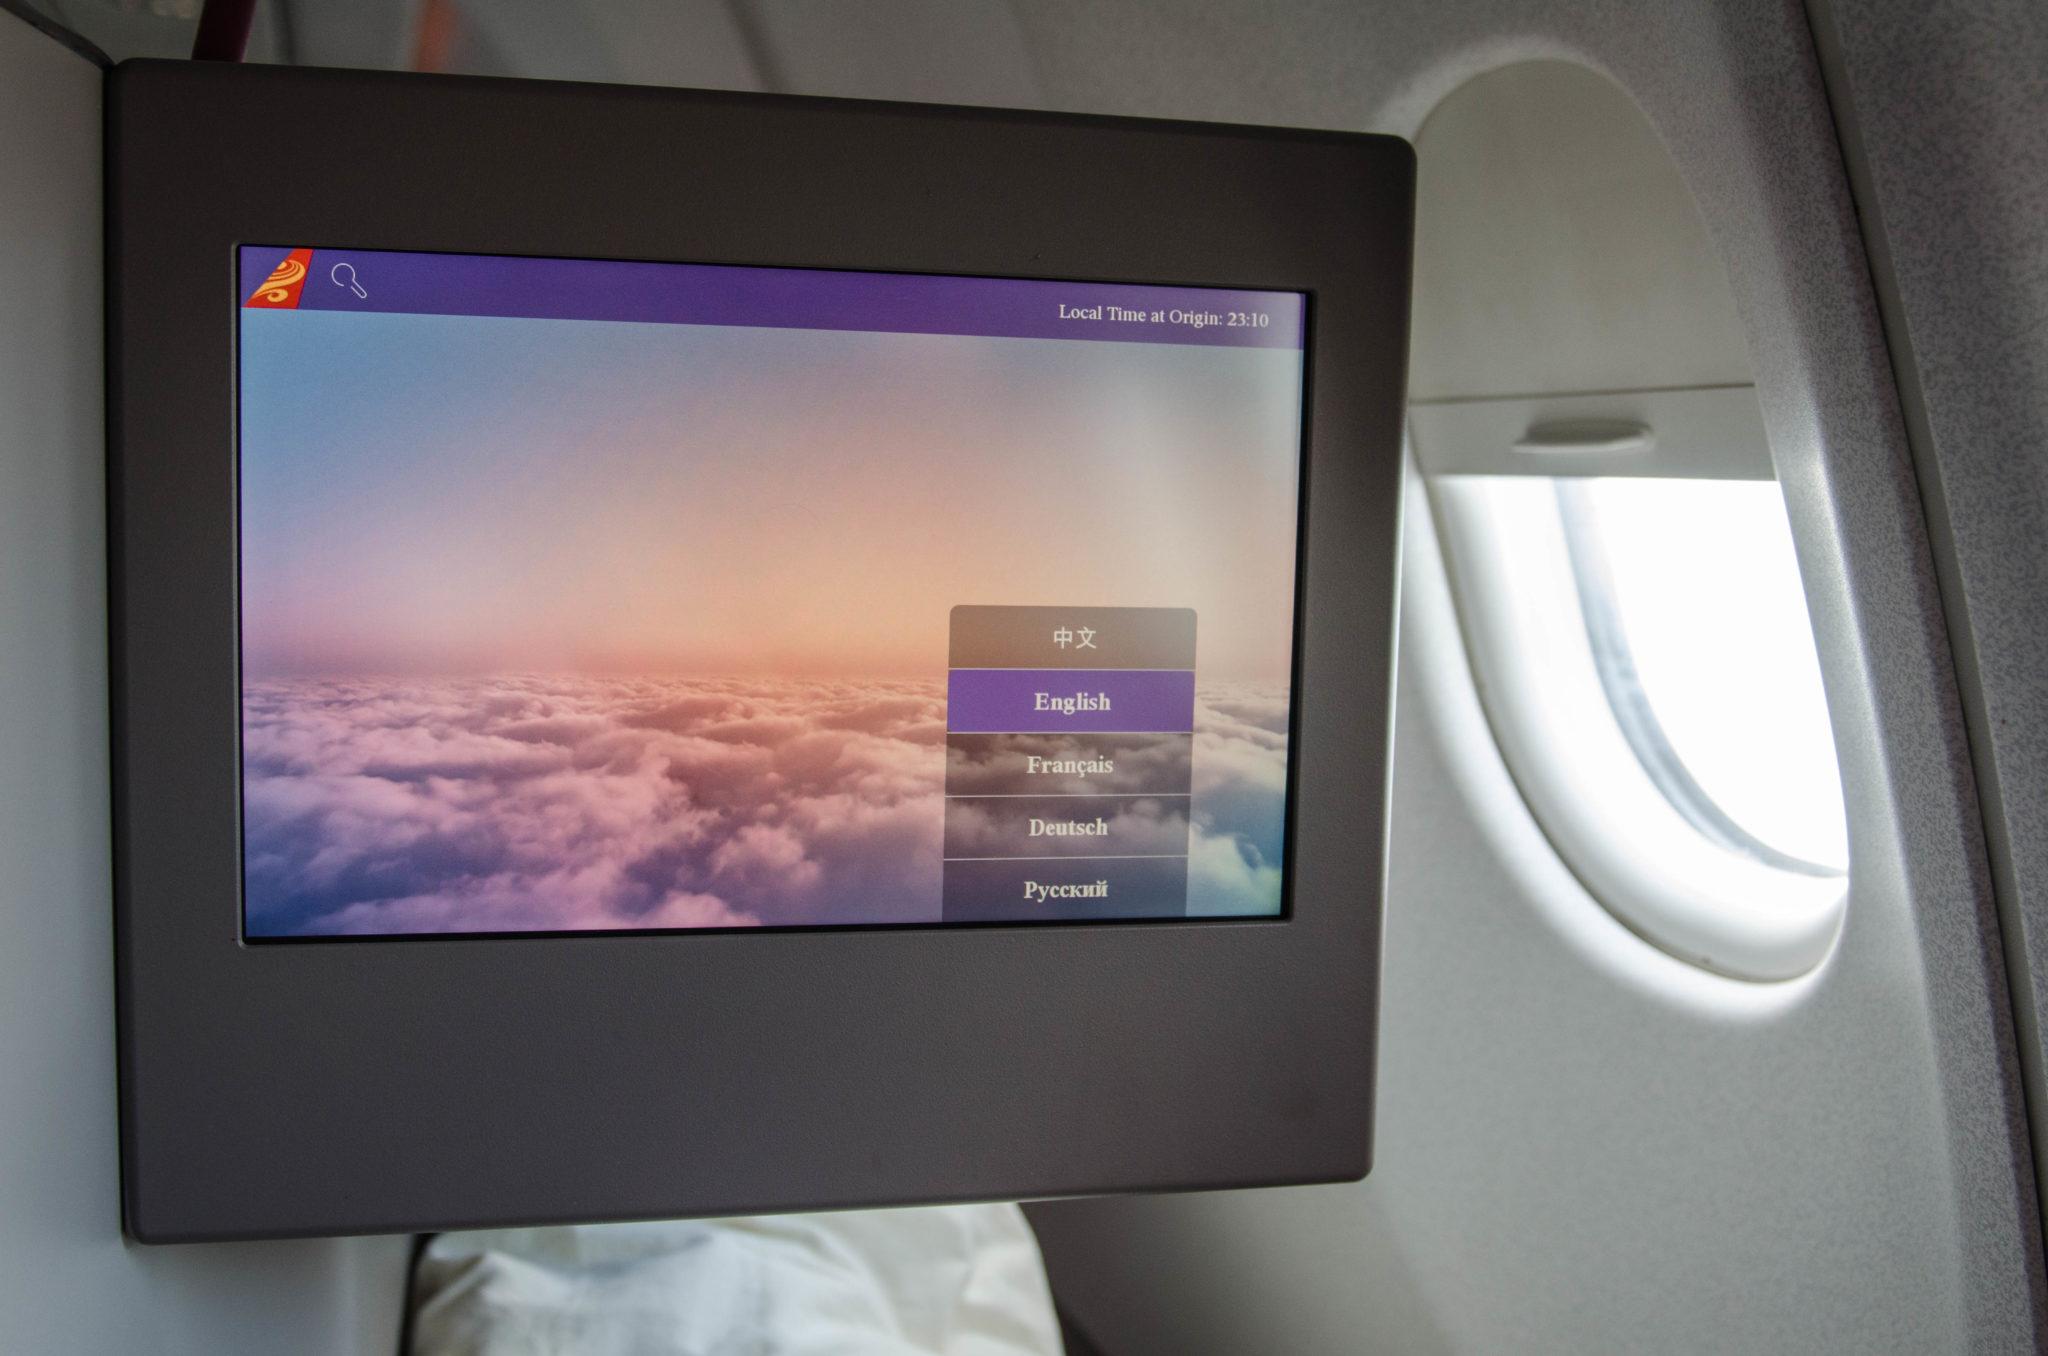 Große Monitore sorgen für entspanntes Entertainment in der Hainan Business Class